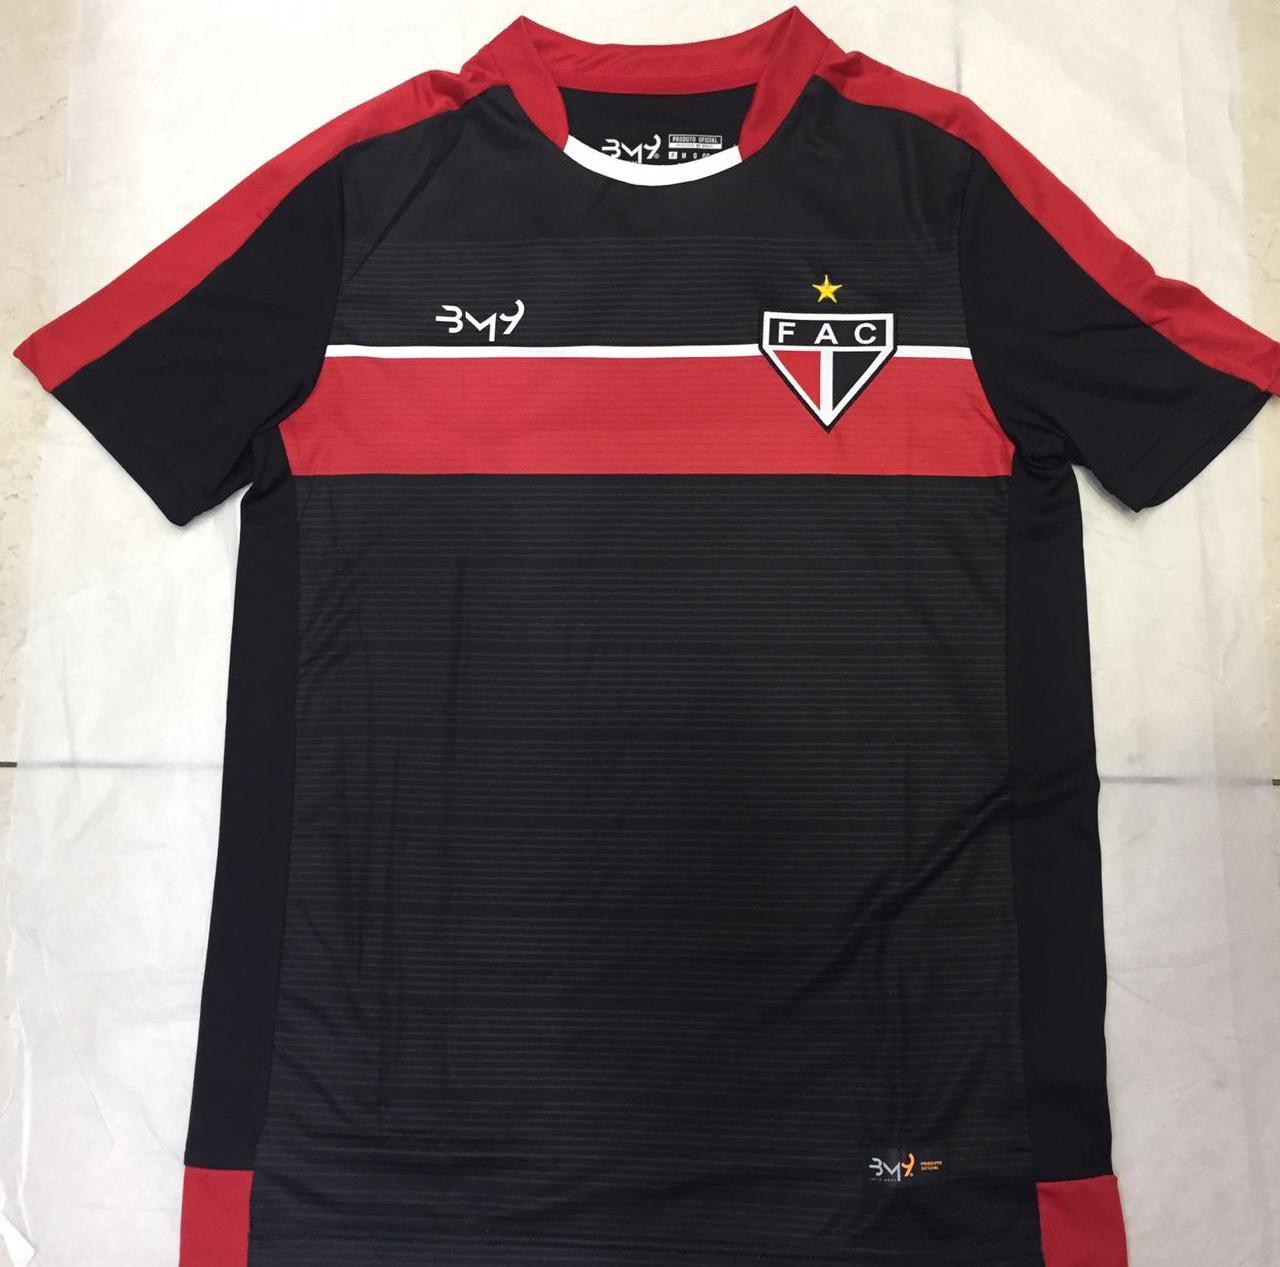 Kit dos pais (camisa treino + caneca + caixa)  - Ferrão Store